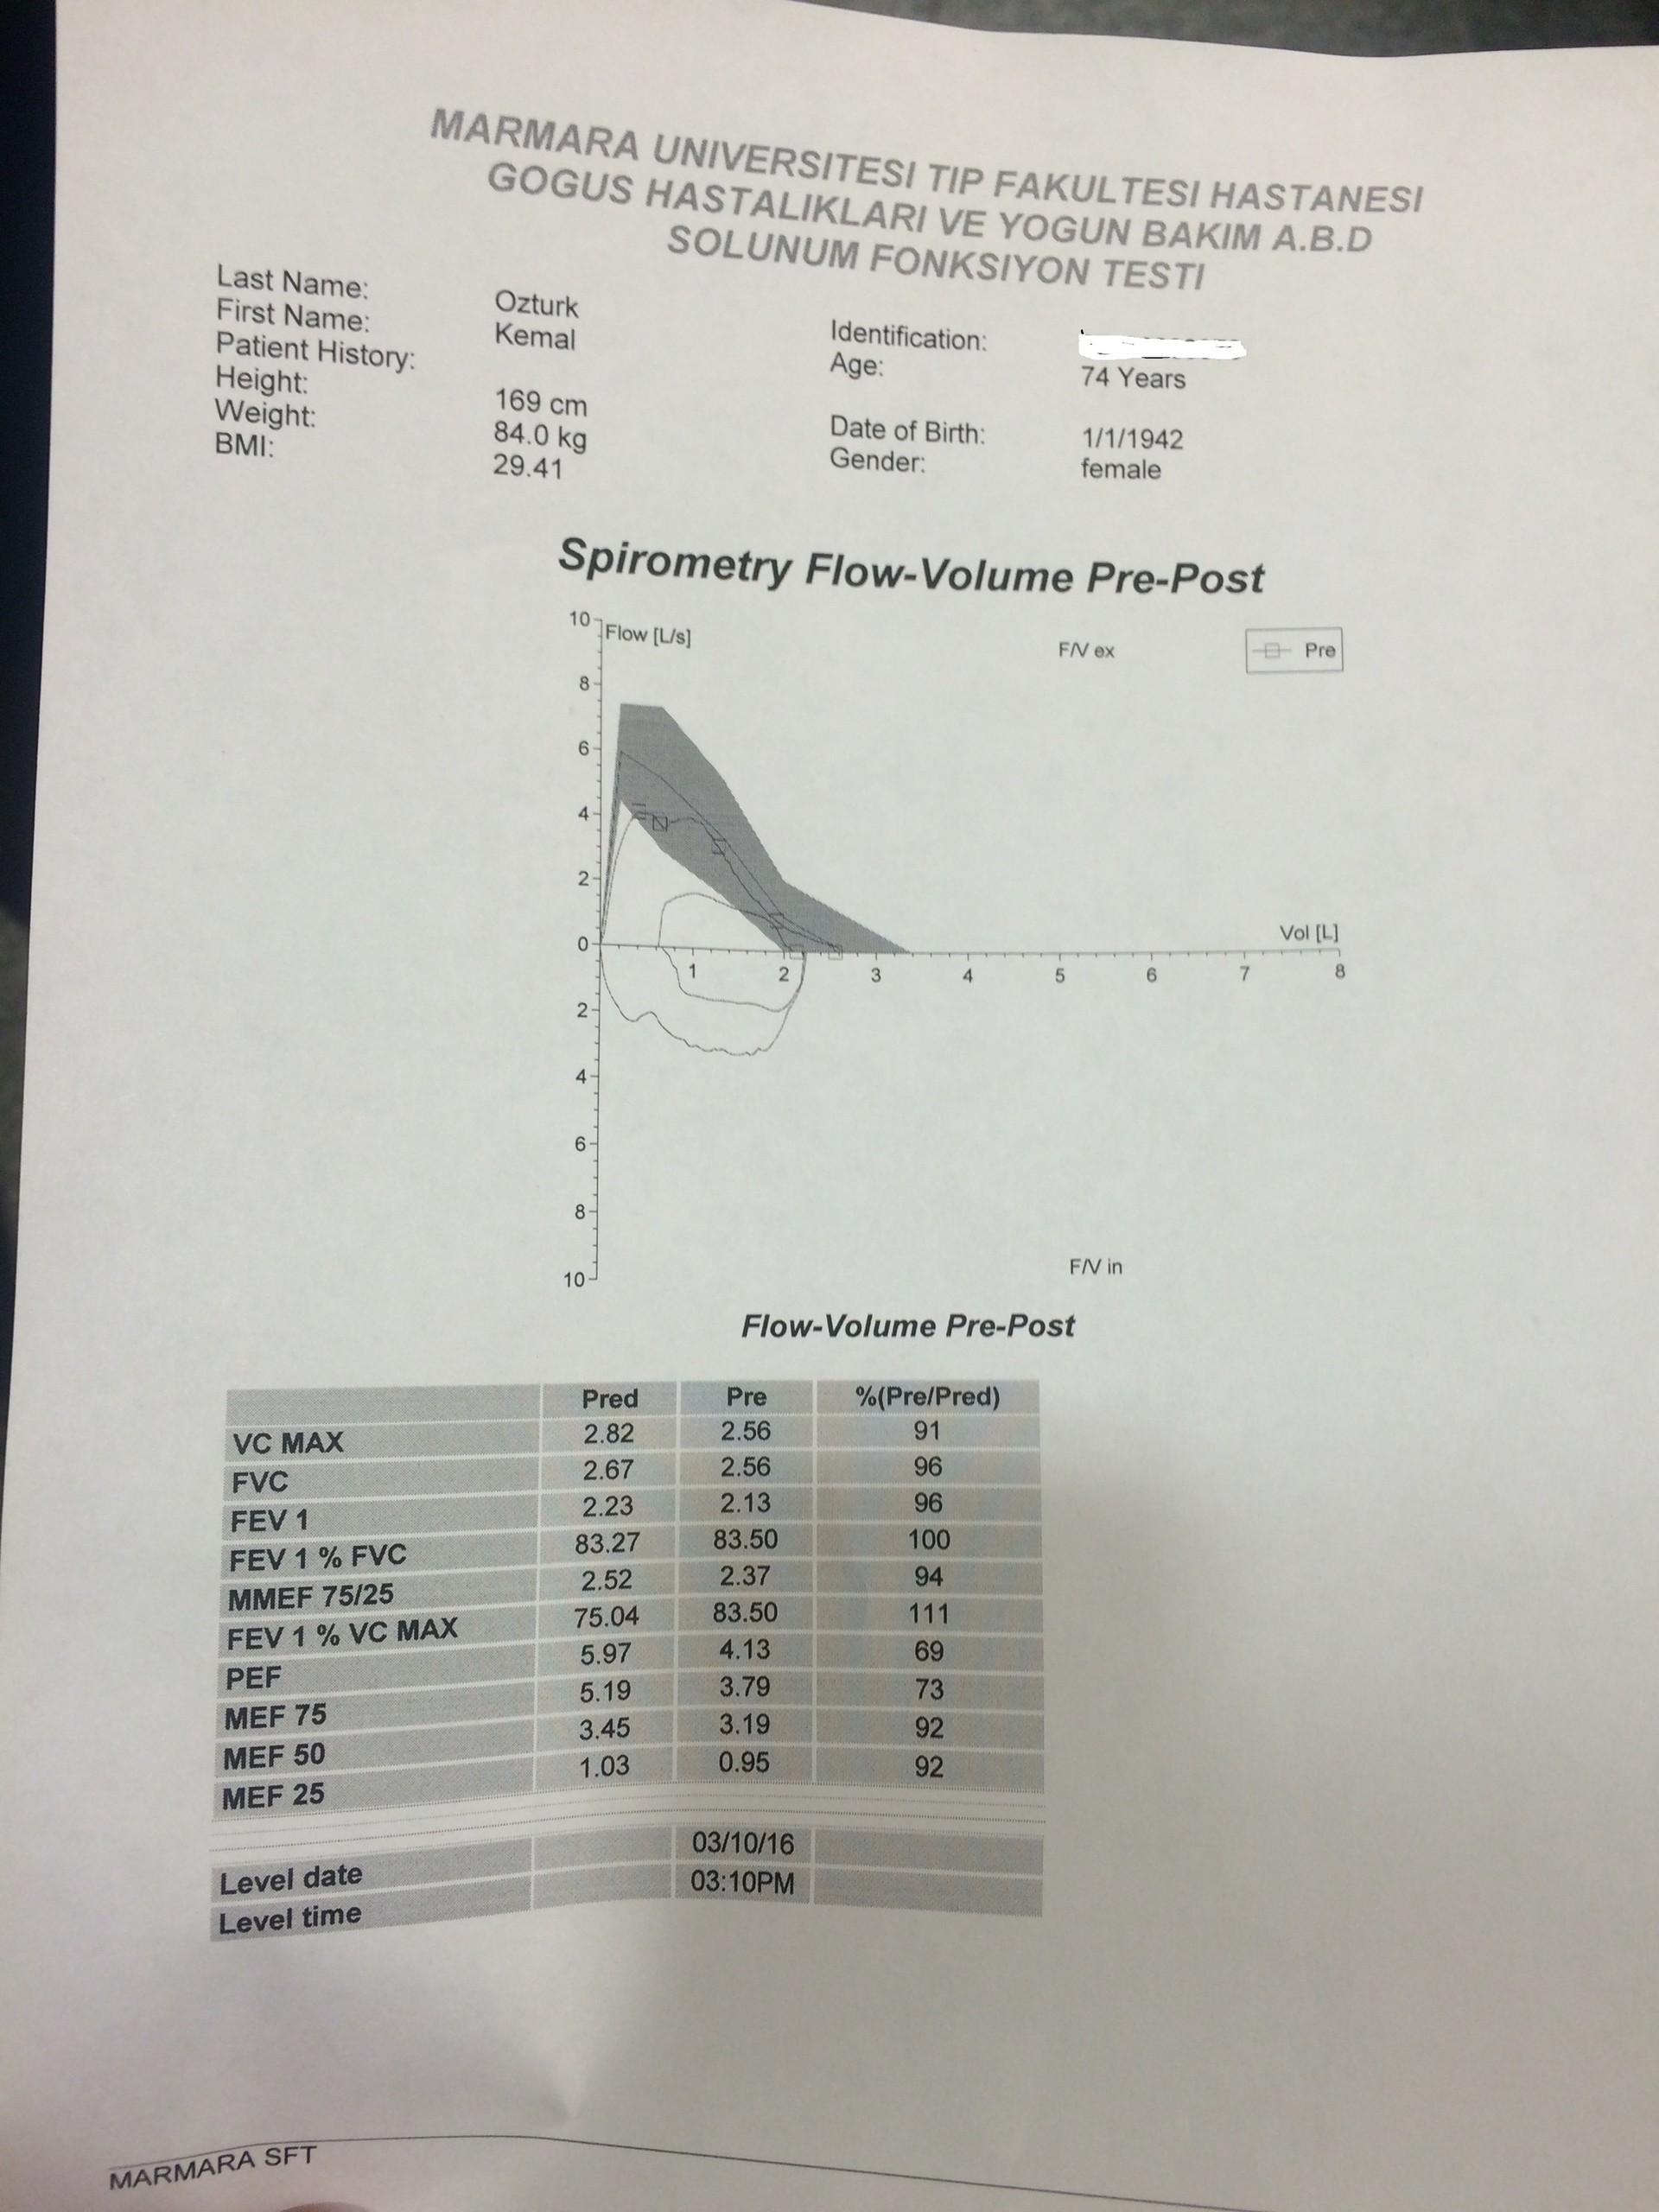 QBGYkk - SFT sonucuma göre yüzde kaç oran alabilirim?